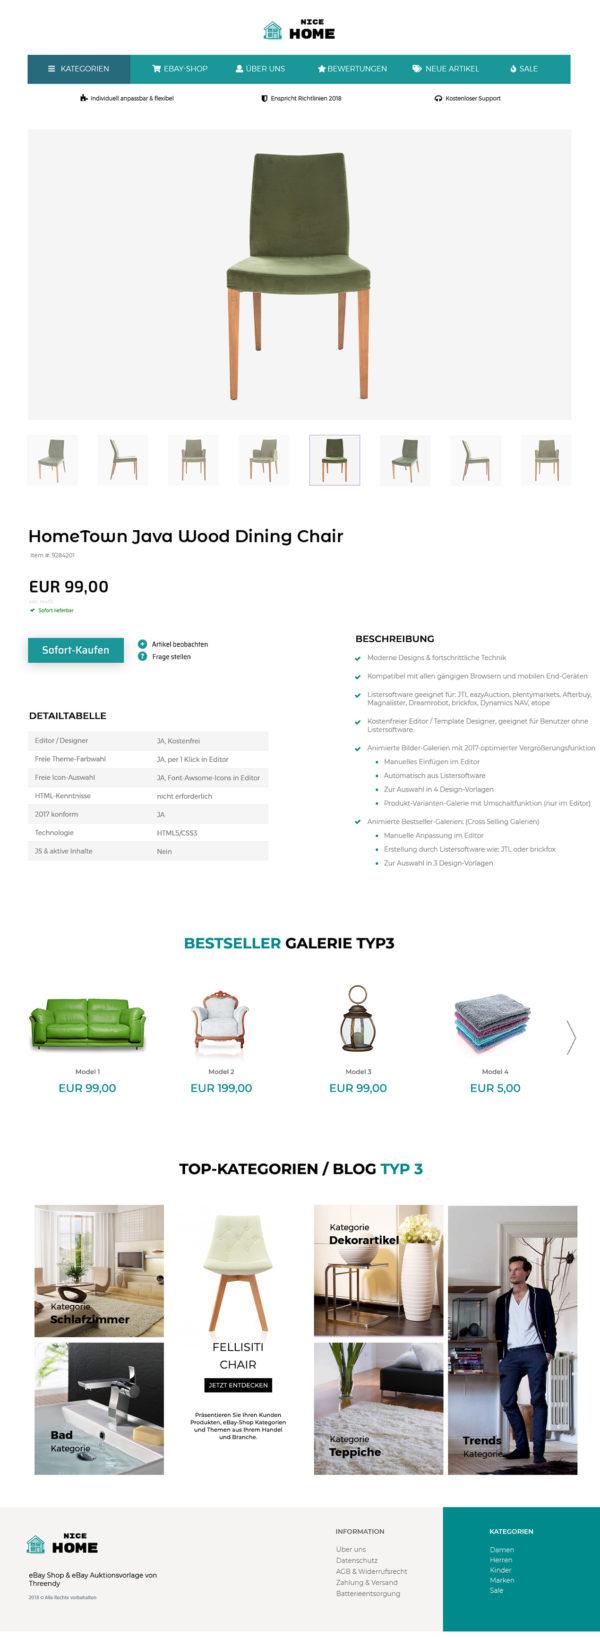 eBay Angebotsovorlagen - eBay-Vorlagen für jede Branche - Threendy